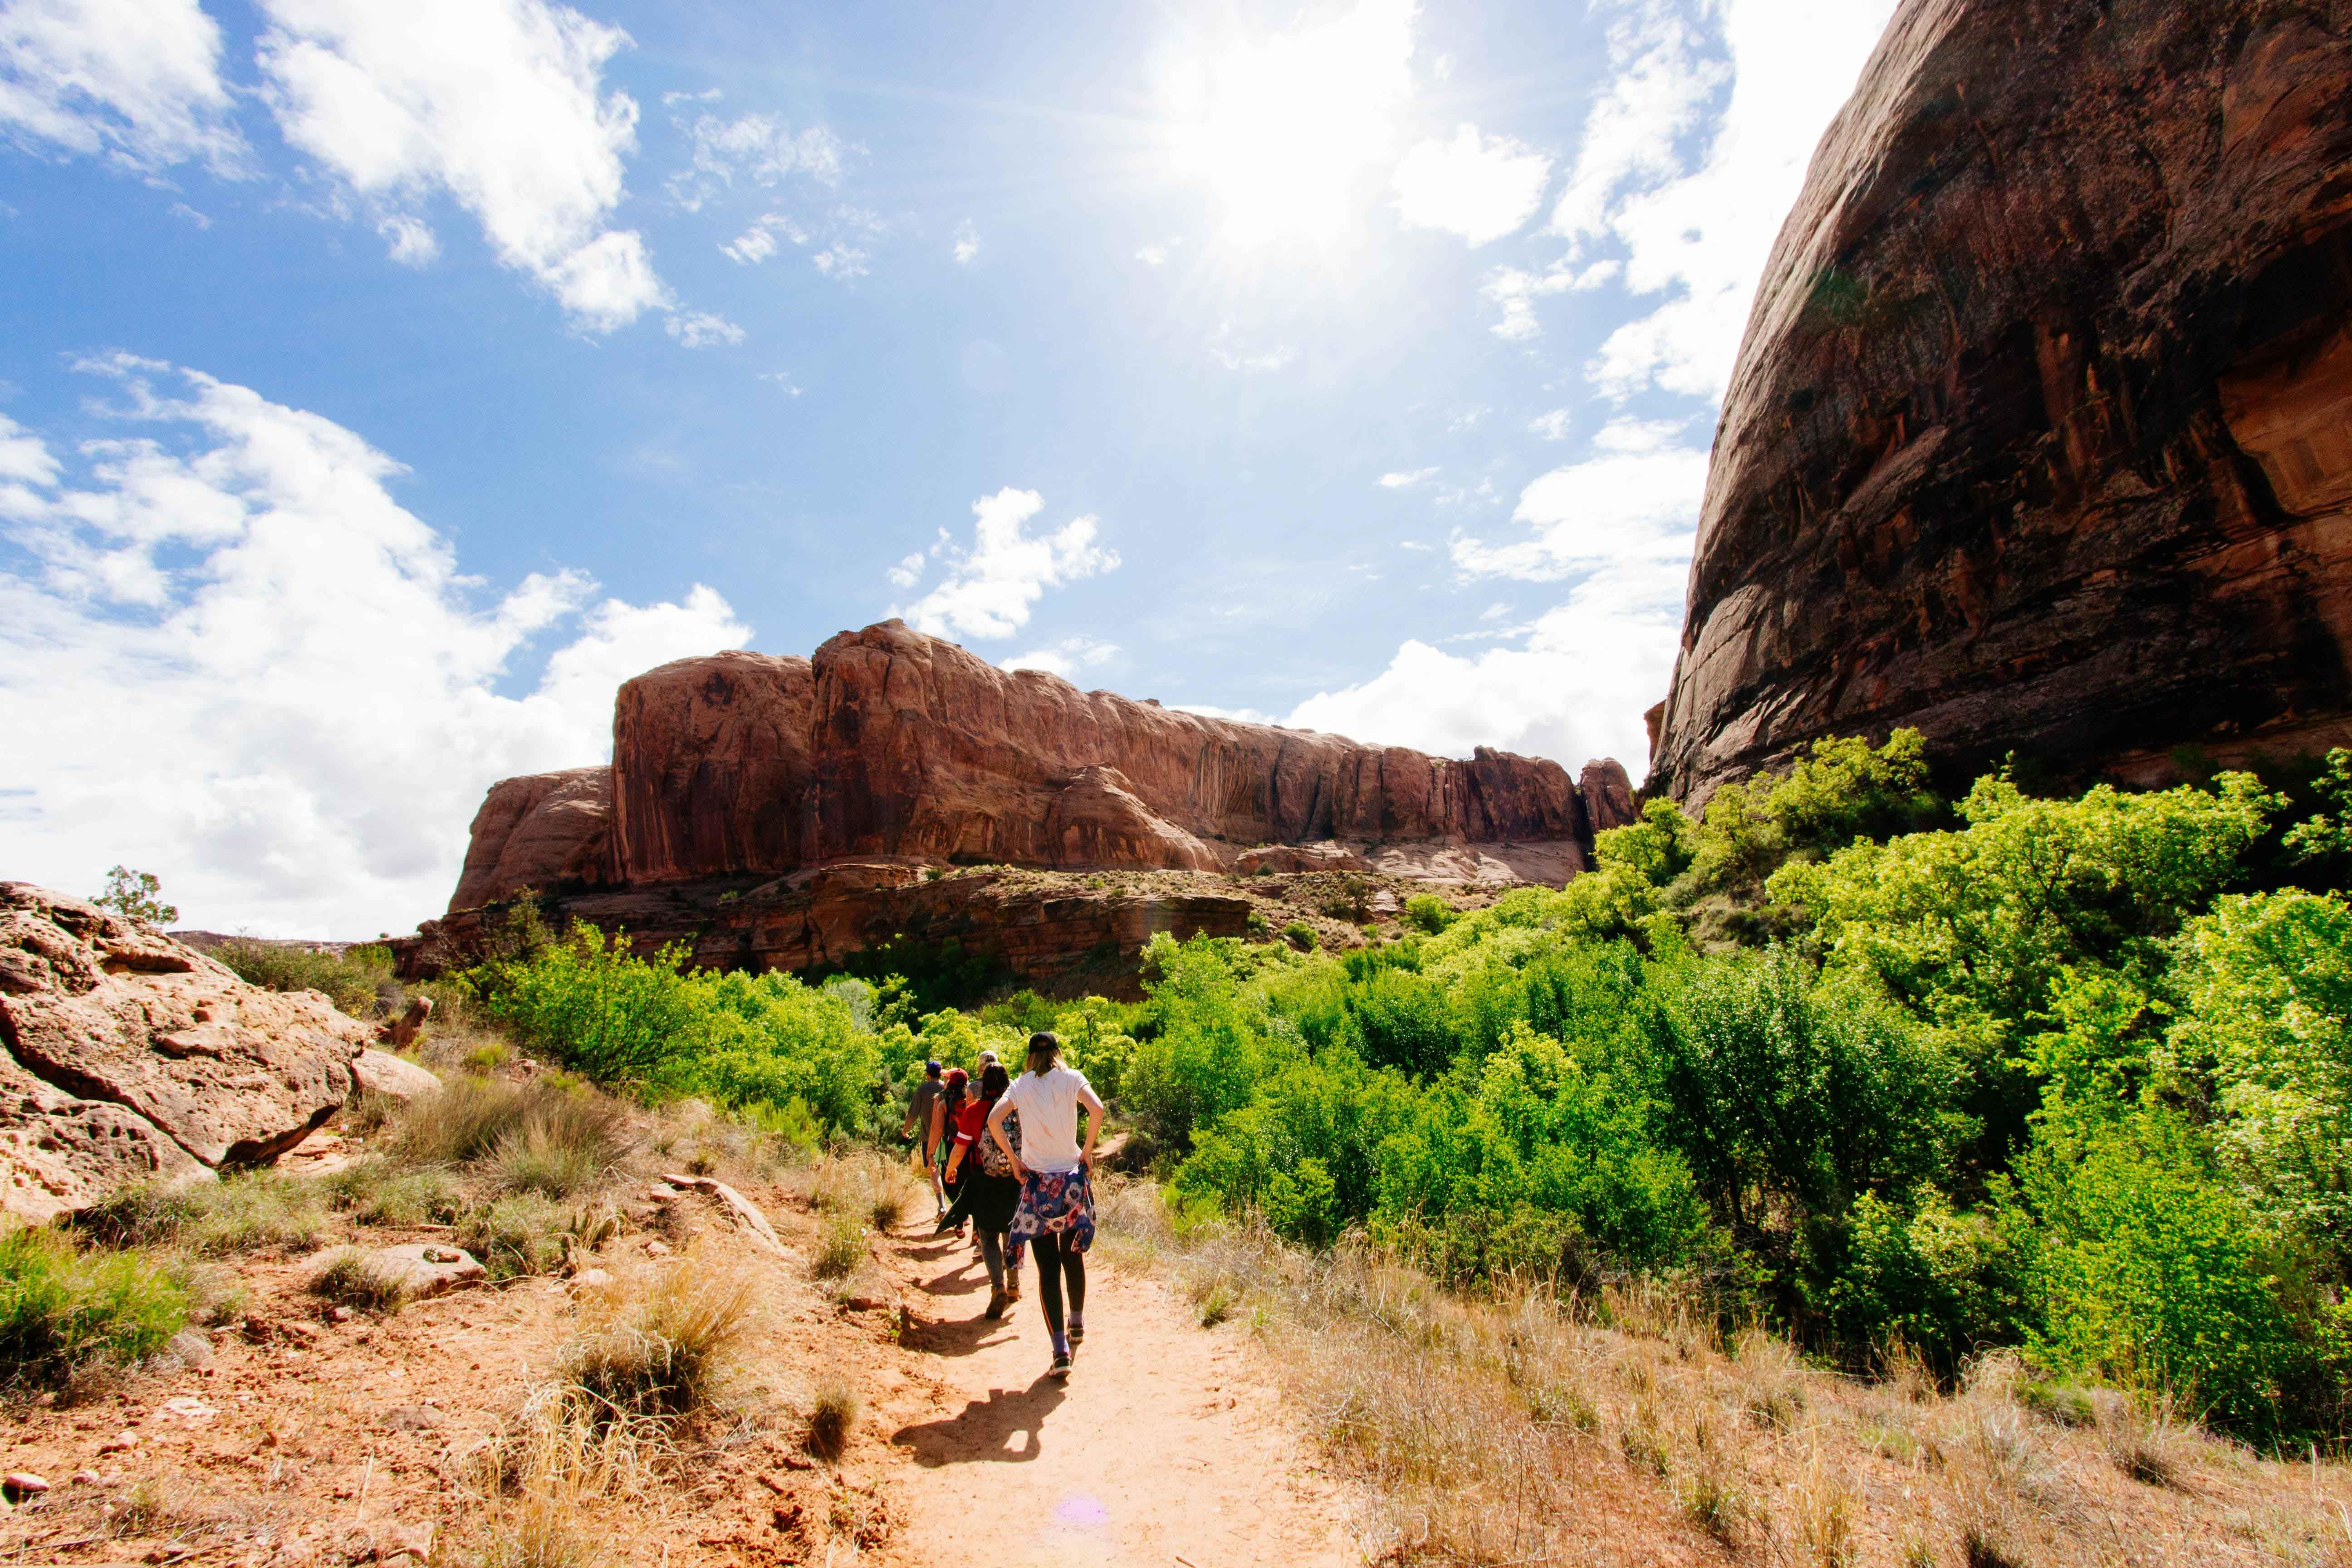 Fila de gente andando por un paisaje montañoso